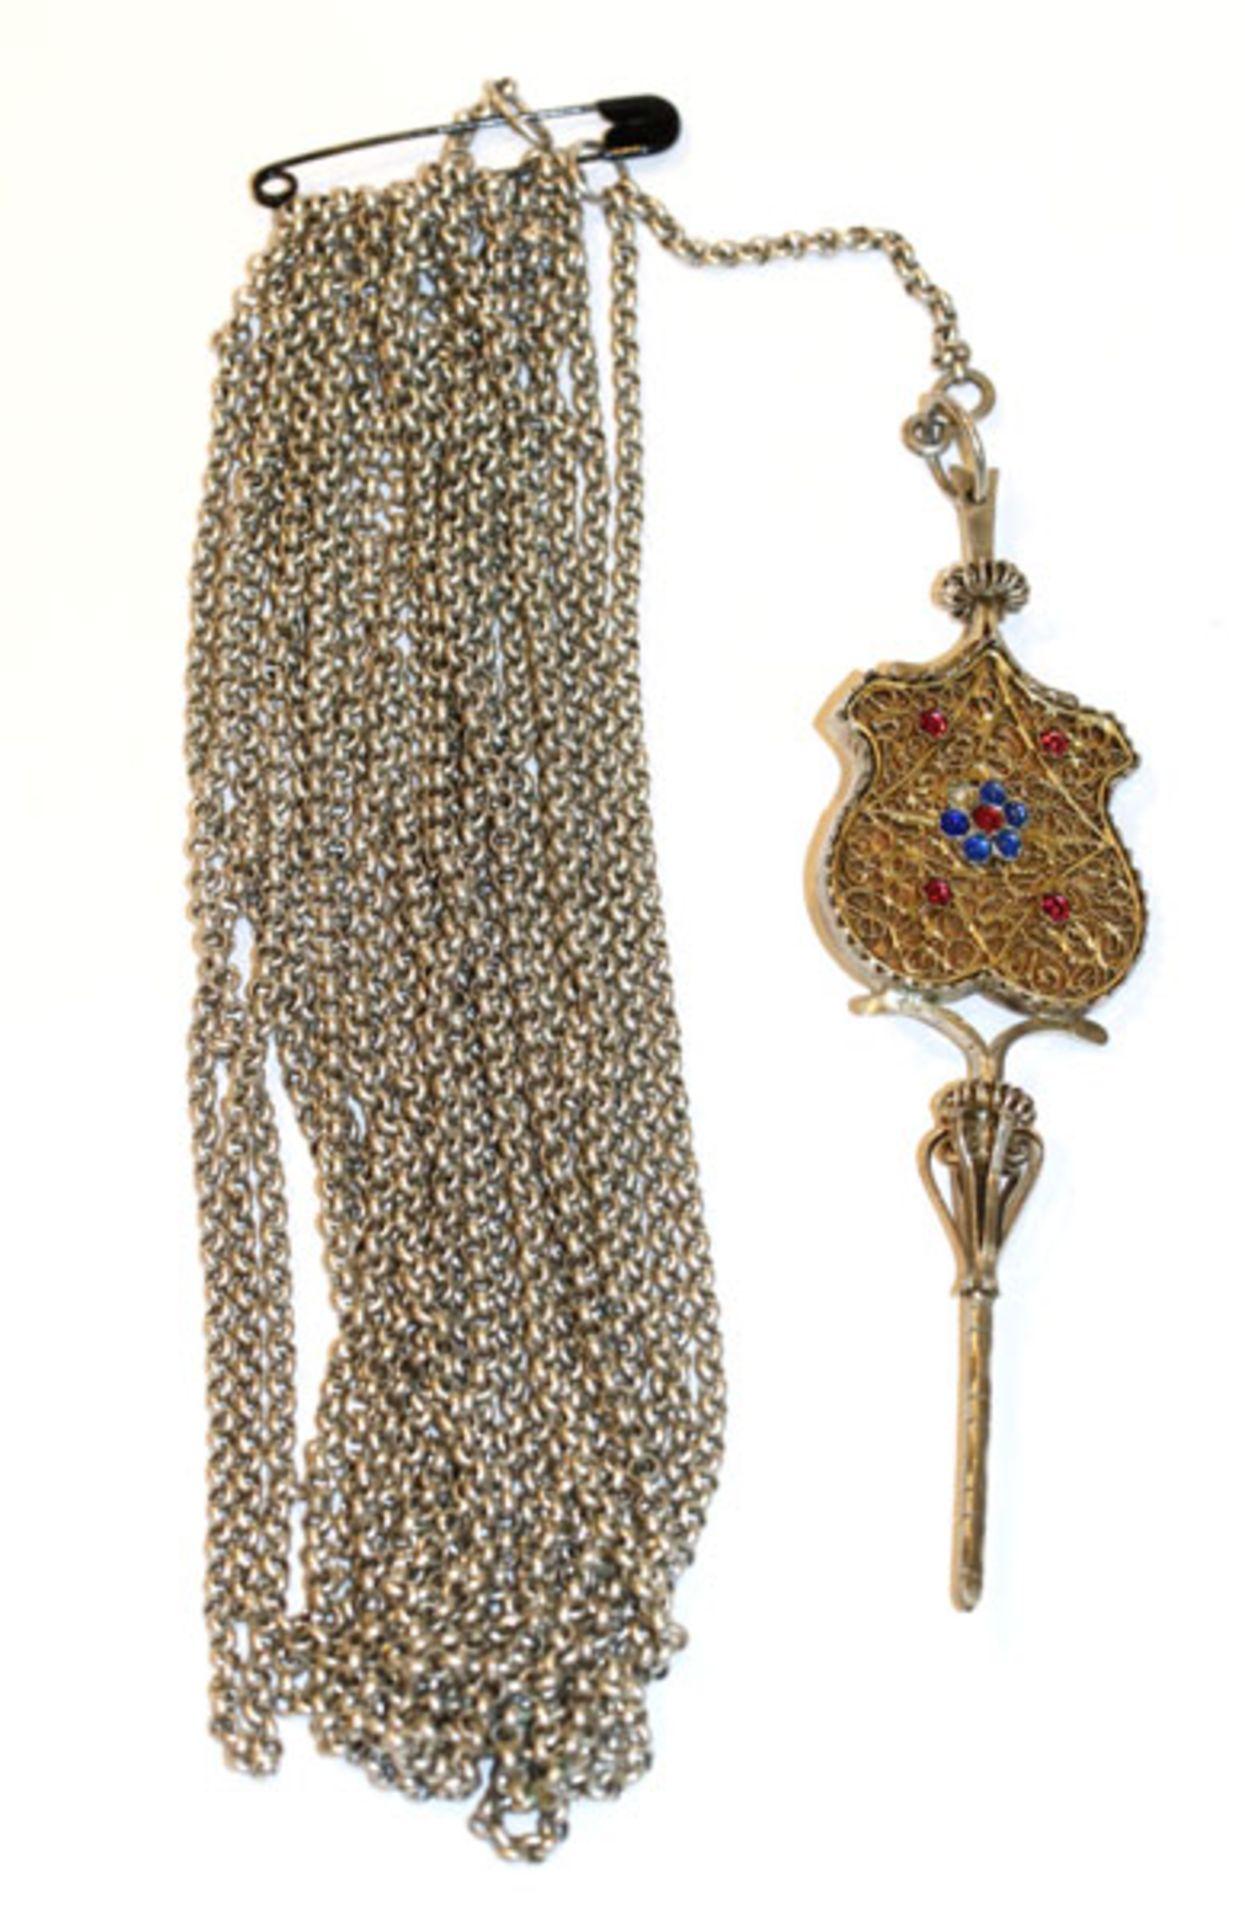 Silber Schnürkette, L 280 cm, und Miederstecker mit filigraner Verzierung, L 14 cm, 176 gr